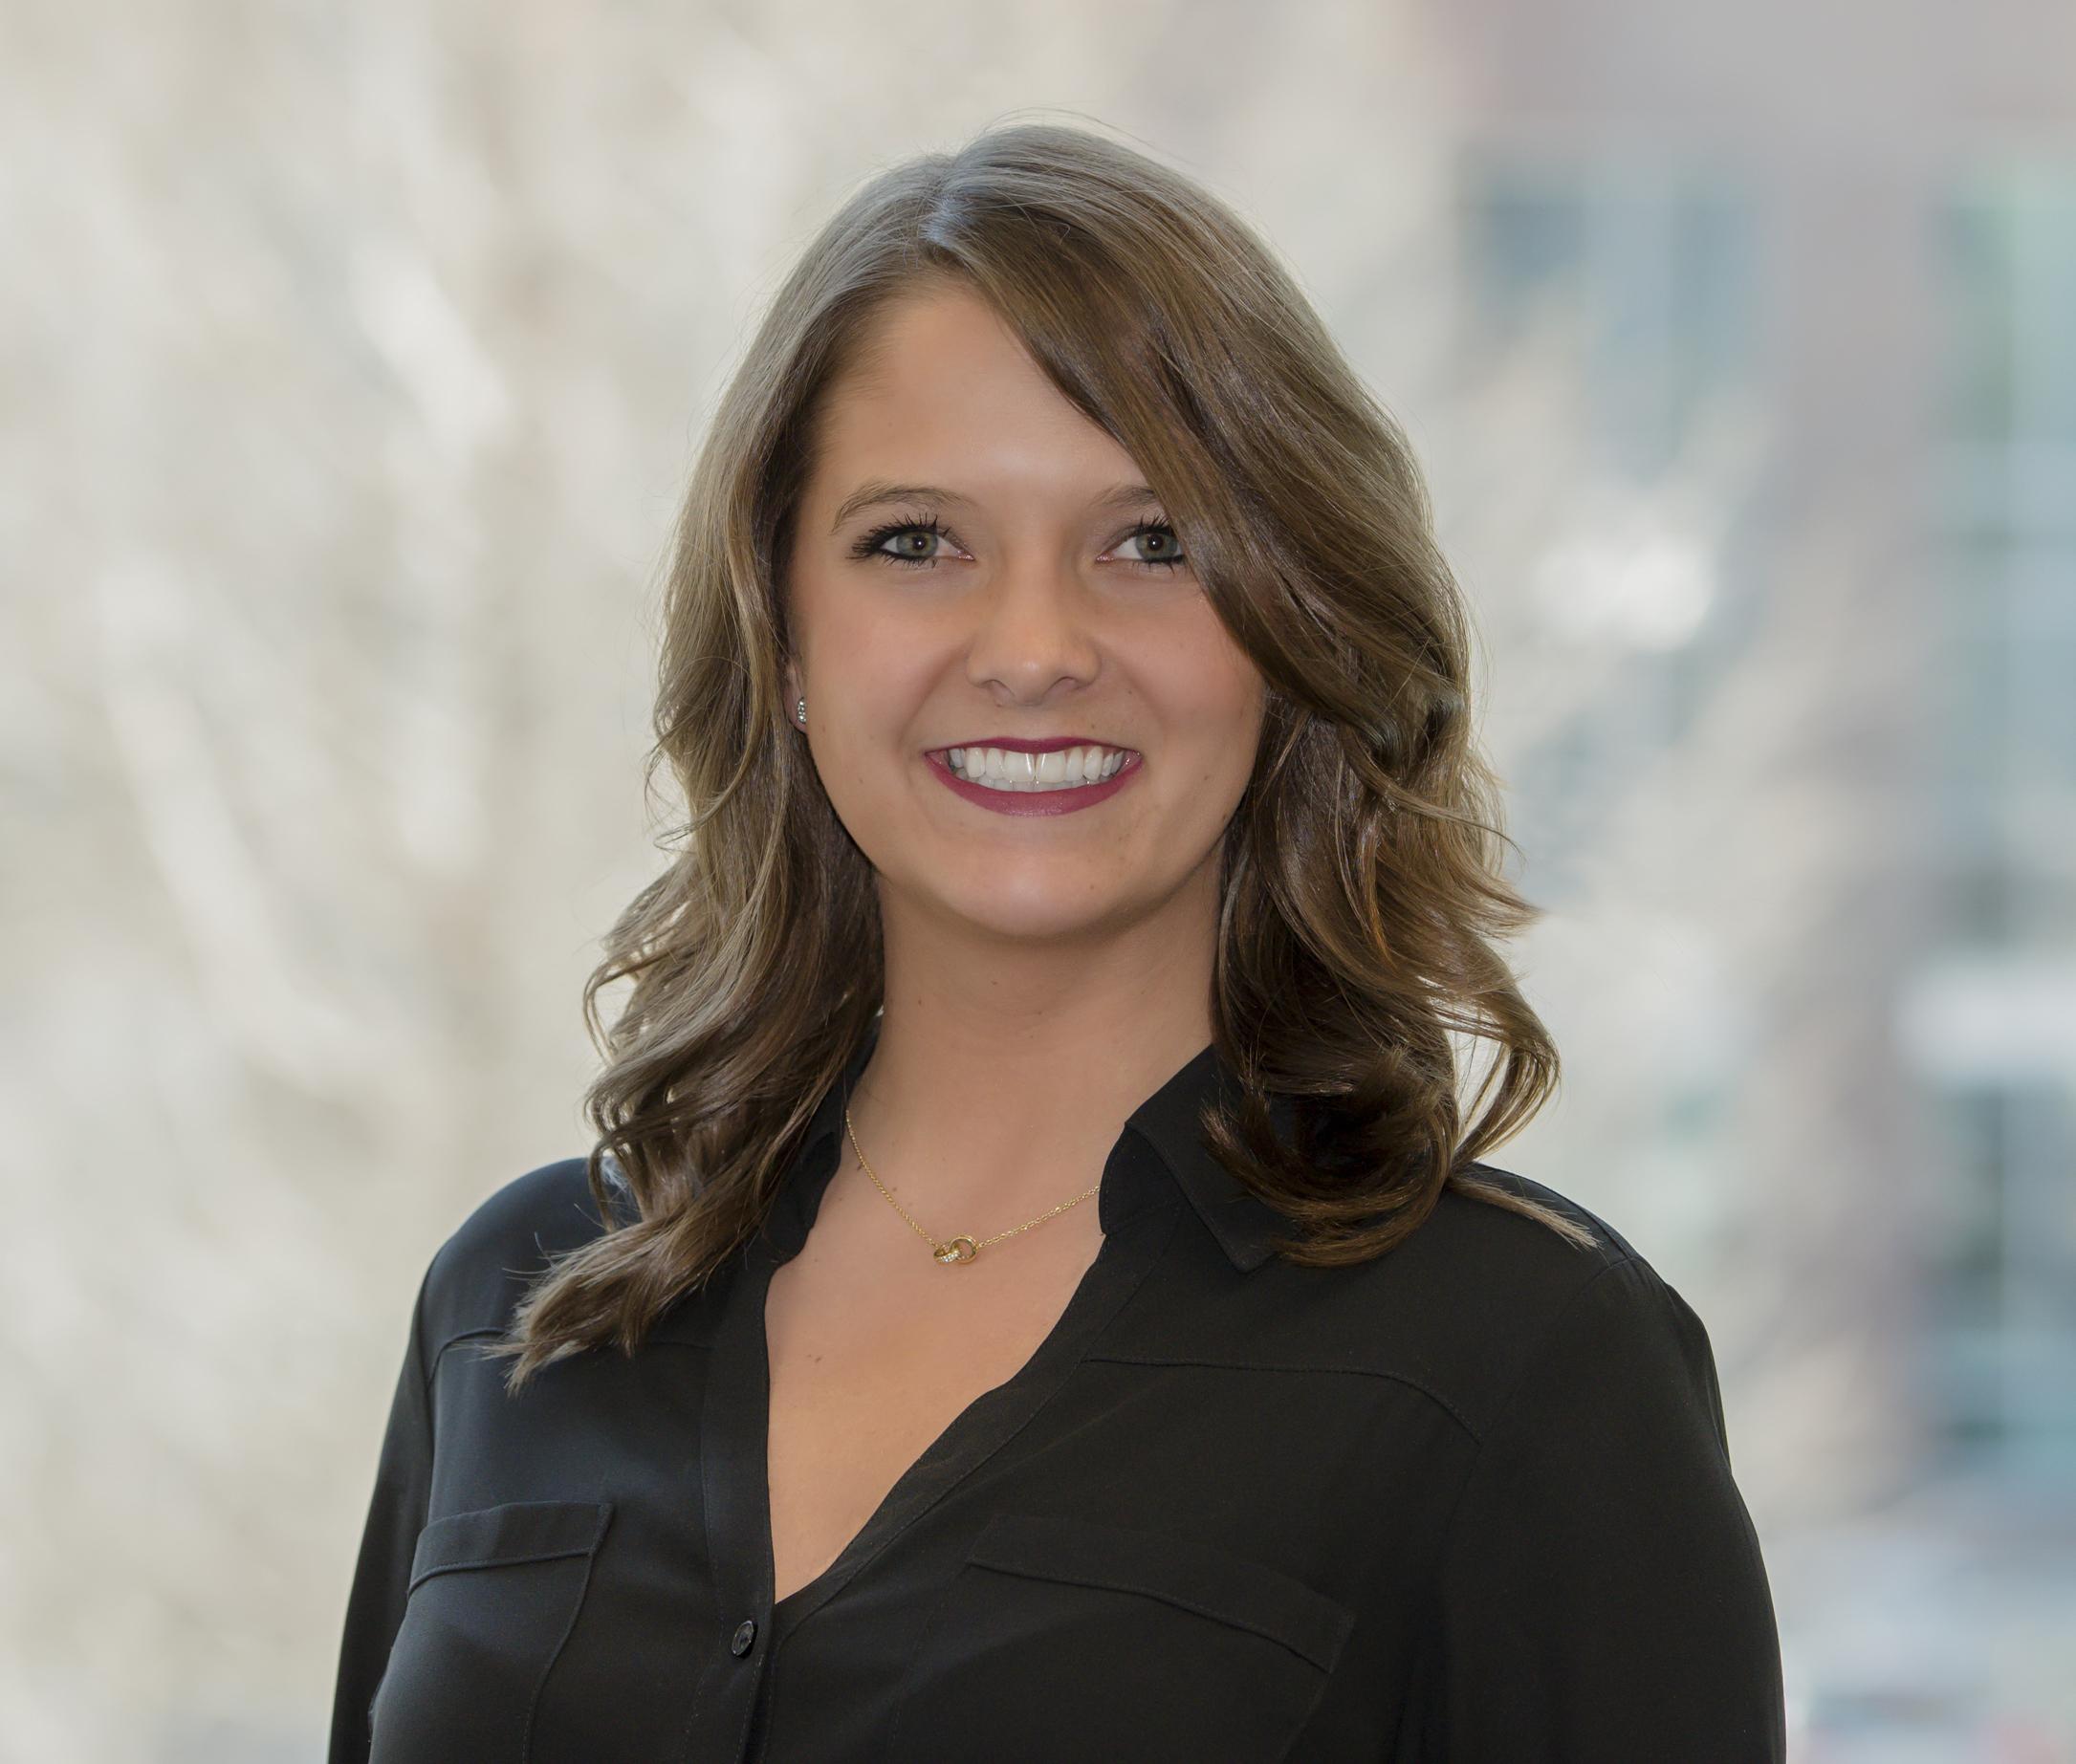 Brittany Schweiger